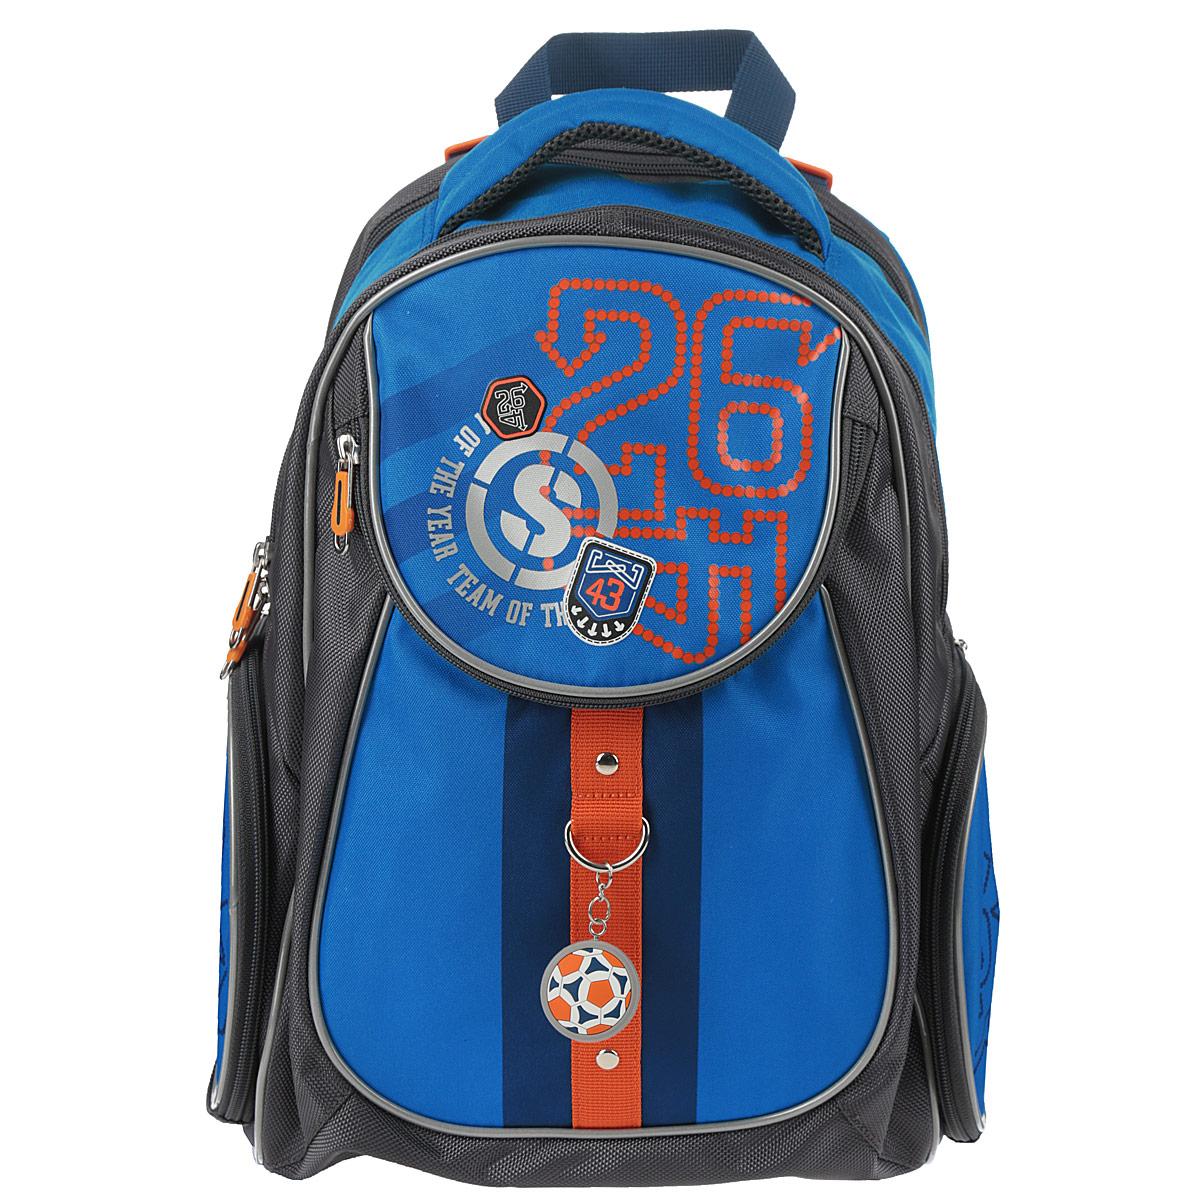 Рюкзак школьный Erich Krause Футбол, цвет: серый, голубой, оранжевый0166-GB01Рюкзак школьный Erich Krause Футбол станет надежным спутником в получении знаний.Рюкзак выполнен из прочного водостойкого полиэстера серого цвета с голубыми и оранжевыми вставками.Рюкзак состоит из двух вместительных отделений, закрывающихся на застежки-молнии с двумя бегунками. Одно из отделений содержит кармашек для мелочей на застежке-молнии. В другом находятся большой и три маленьких кармашка без застежек, кармашек на застежке-молнии, карман для мобильного телефона с клапаном на липучке и два фиксатора для пишущих принадлежностей. На лицевой стороне рюкзака расположен глубокий карман на молнии. По бокам находятся два внешних накладных кармана, закрывающихся также на застежку-молнию. Лицевая часть рюкзака декорирована подвеской в виде футбольного мяча. Конструкция ортопедической спинки рюкзака разработана по специальной технологии, позволяющей уменьшить нагрузку на спину.Рюкзак оснащен широкими мягкими лямками, регулируемыми по длине, которые равномерно распределяют нагрузку на плечевой пояс, и двумя удобными ручками для переноски в руке.Дно рюкзака дополнено двумя широкими пластиковыми ножками, которые помогут уберечь его от загрязнений и продлить срок службы. Рюкзак снабжен светоотражающими вставками. Такой школьный рюкзак станет незаменимым спутником вашего ребенка в походах за знаниями.